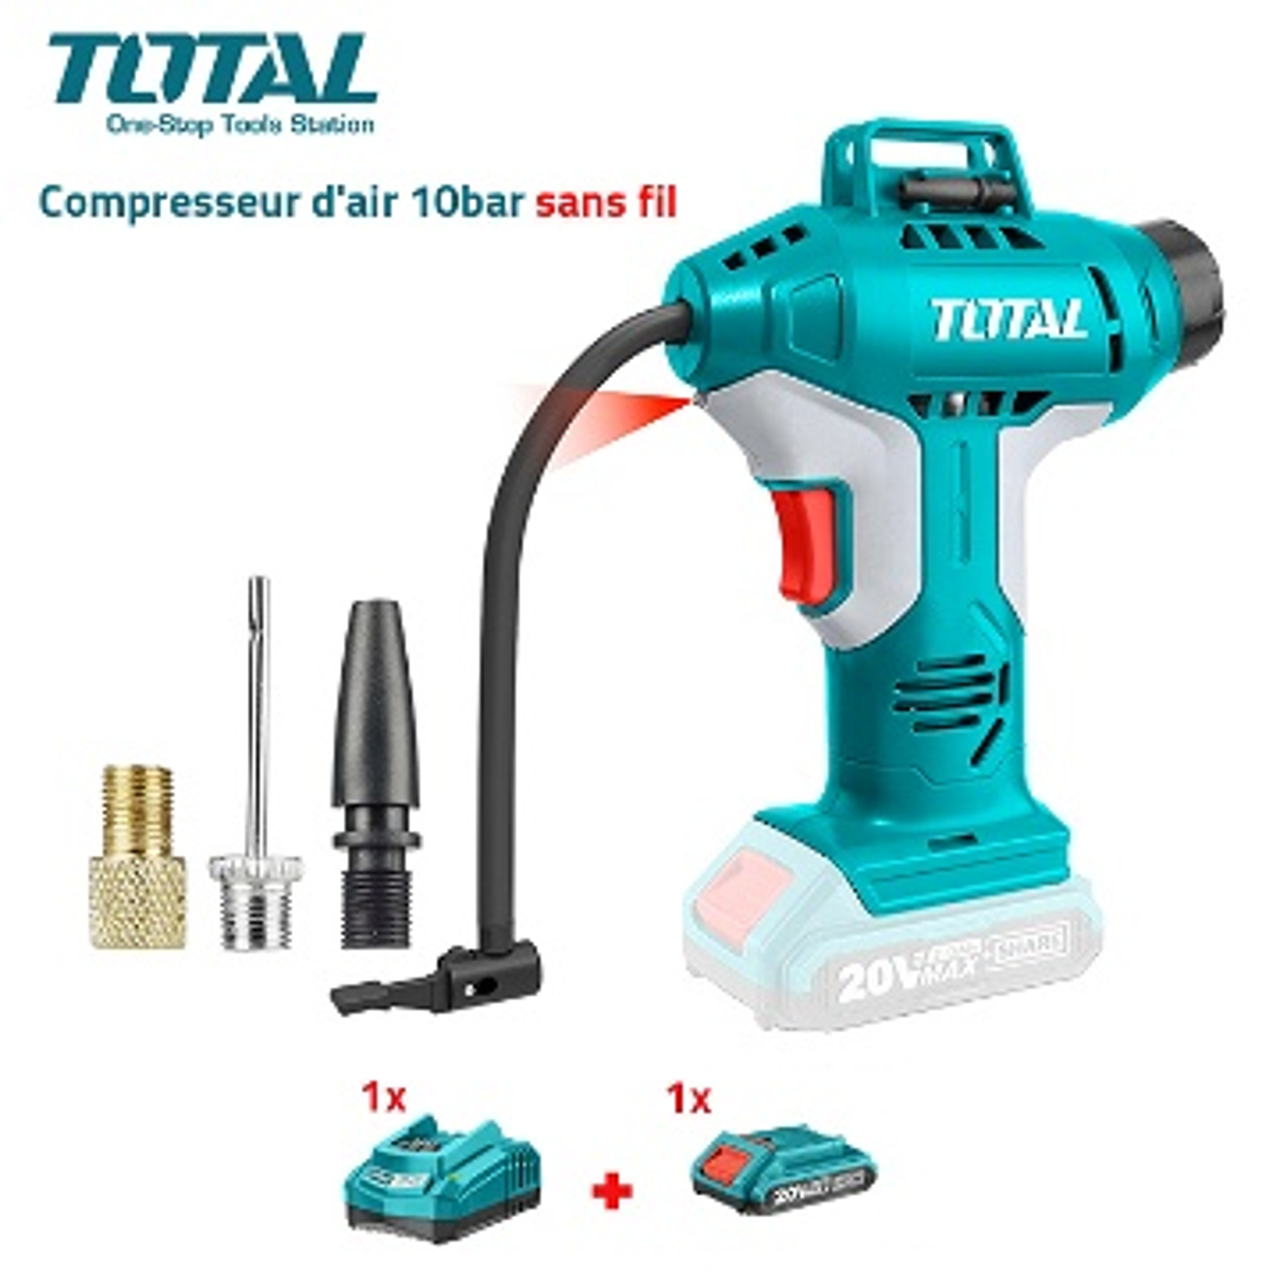 Compresseur d'air sans fil  20V 10BAR TOTAL TACLI2001